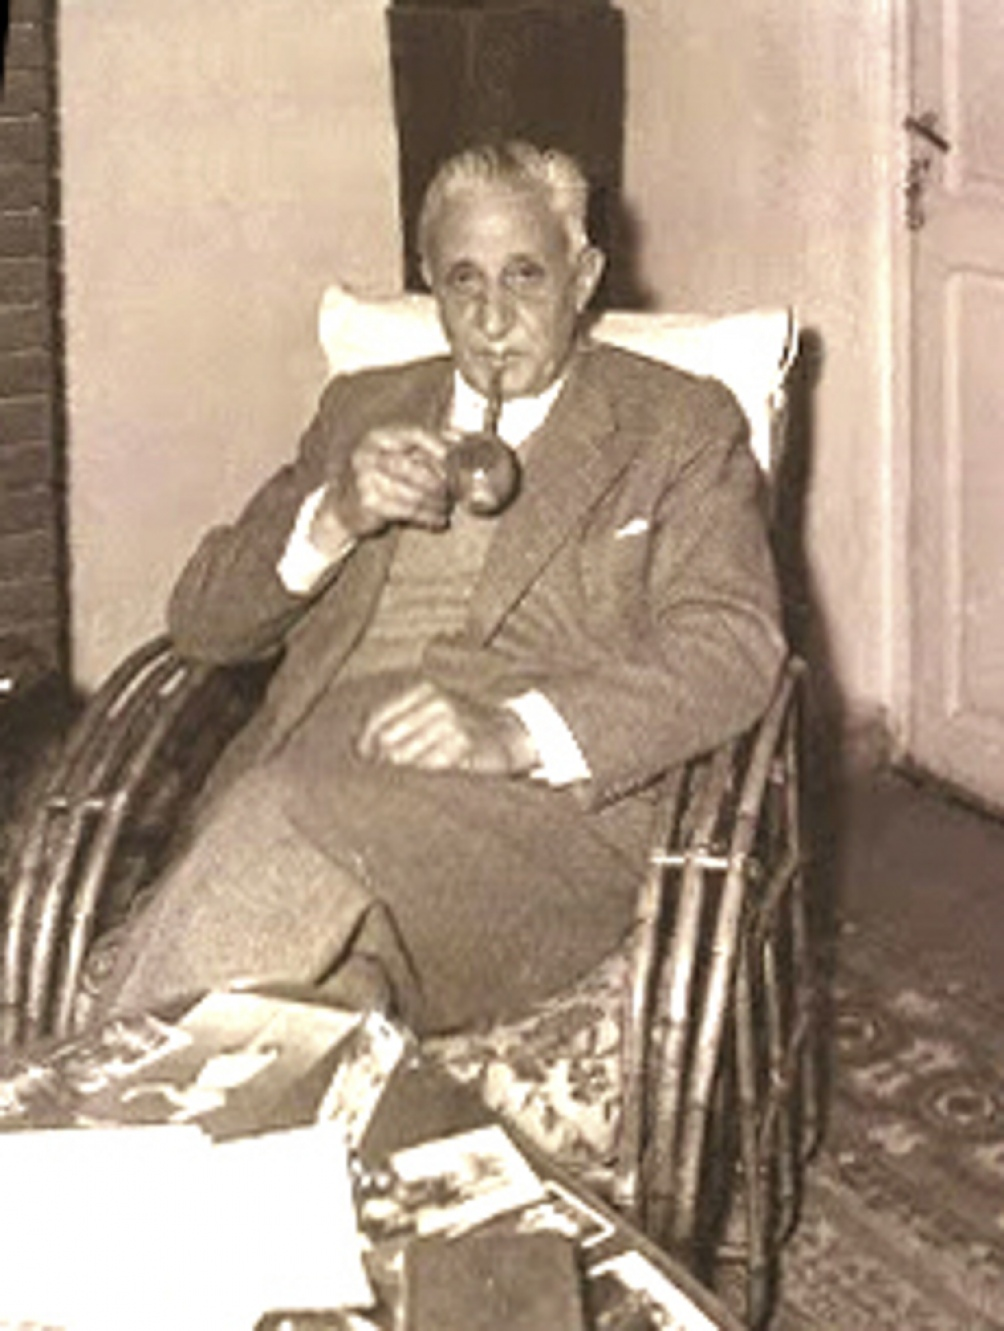 Arturo Illia era un hombre de costumbres simples, que no gustaba de usar custodia y prefería viajar en medios de transporte públicos.